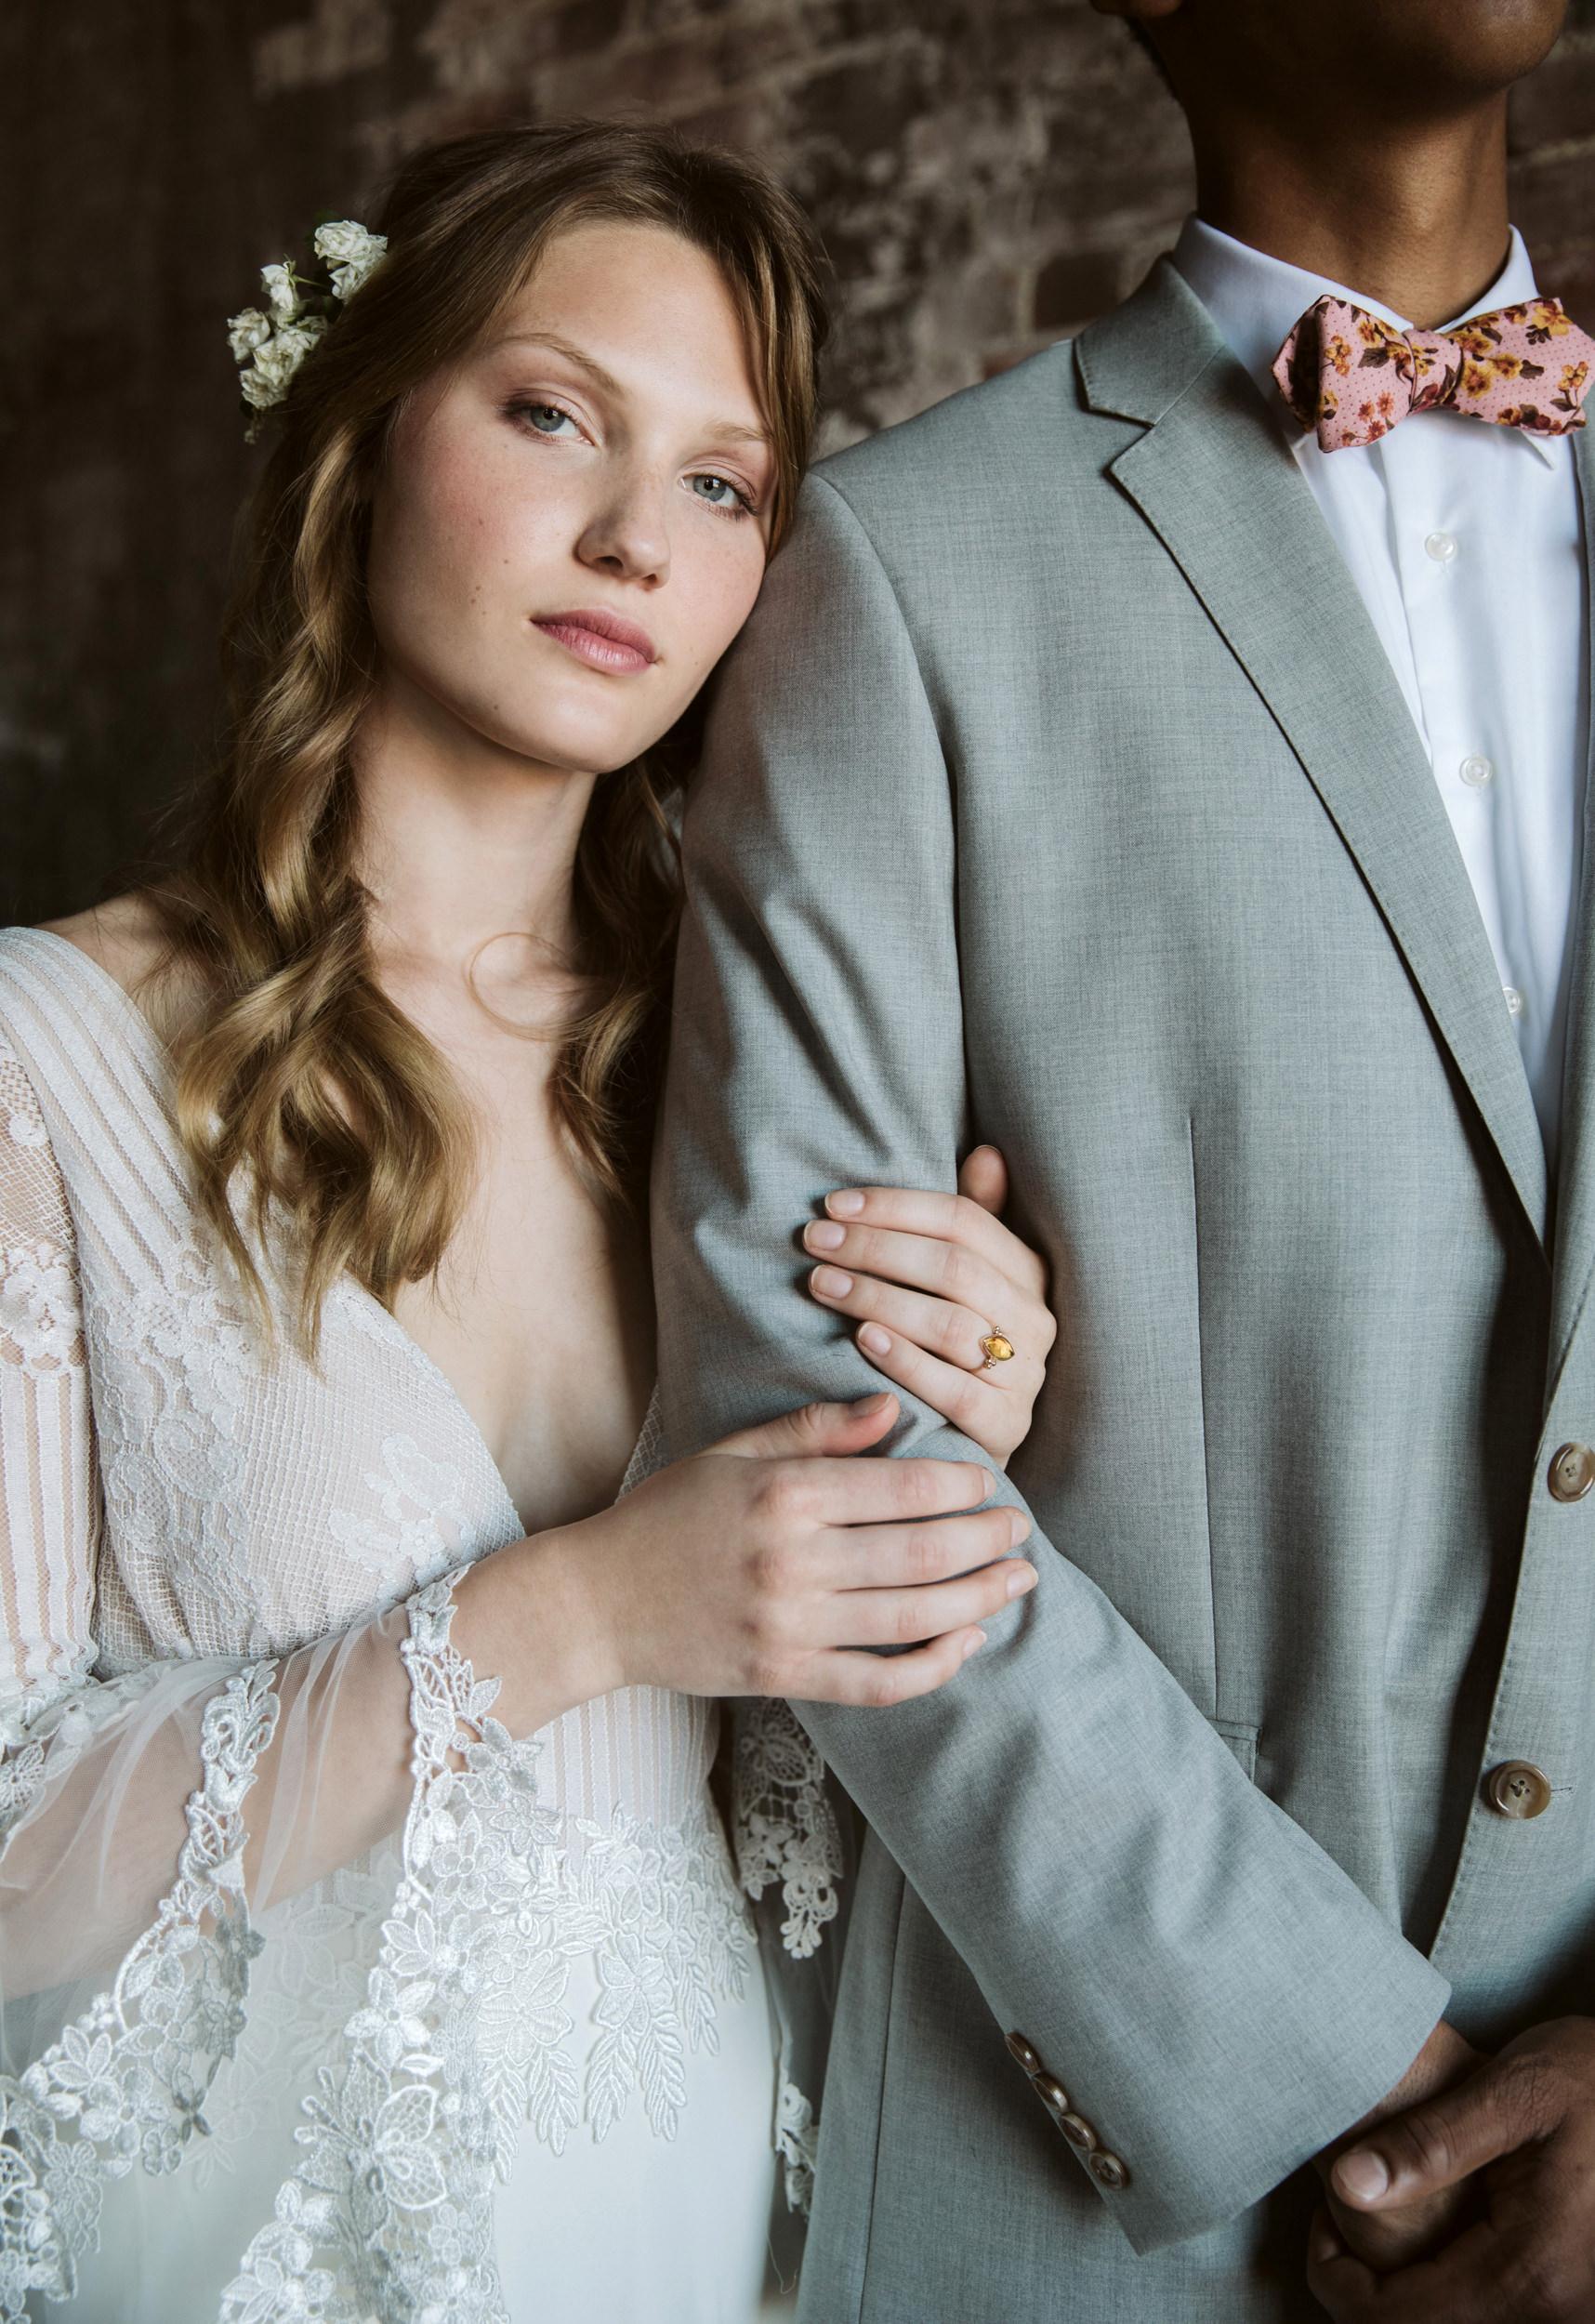 Close up of bride leaning on groom's shoulder